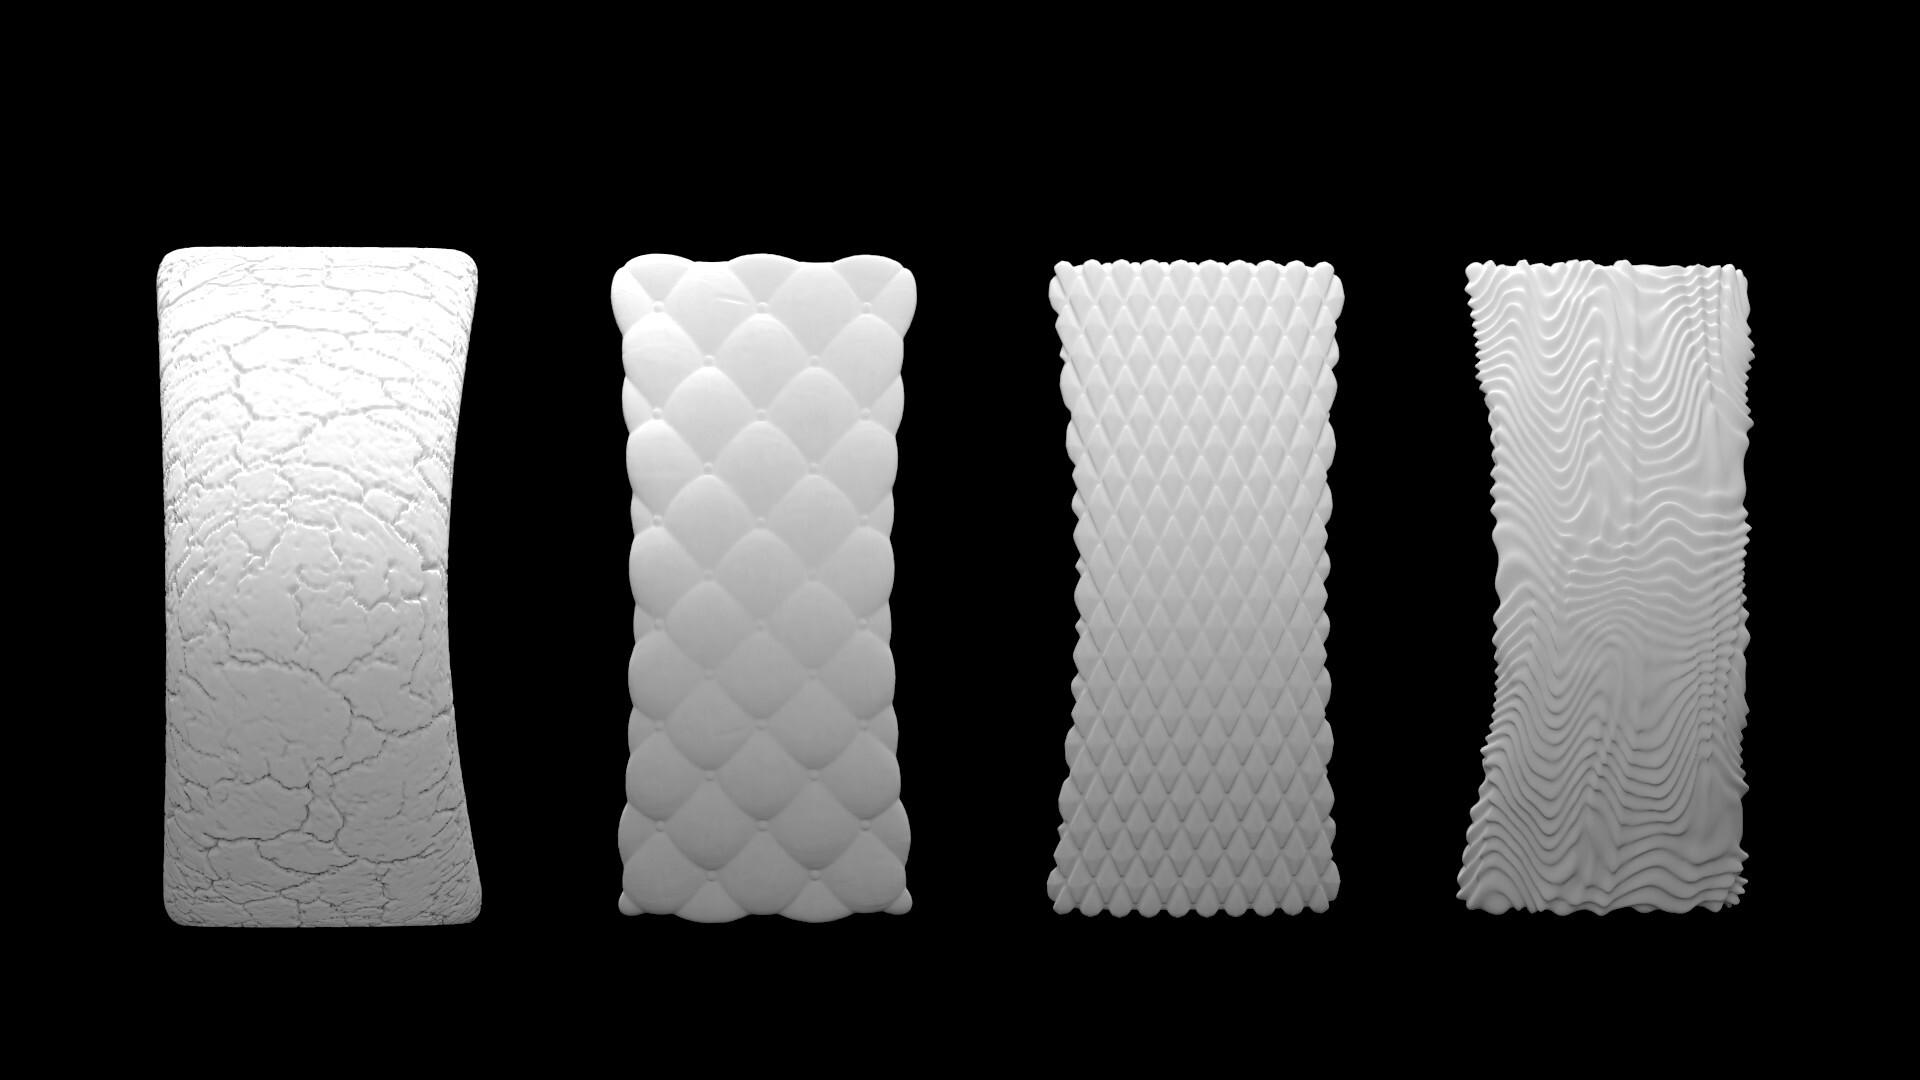 SLS Textures